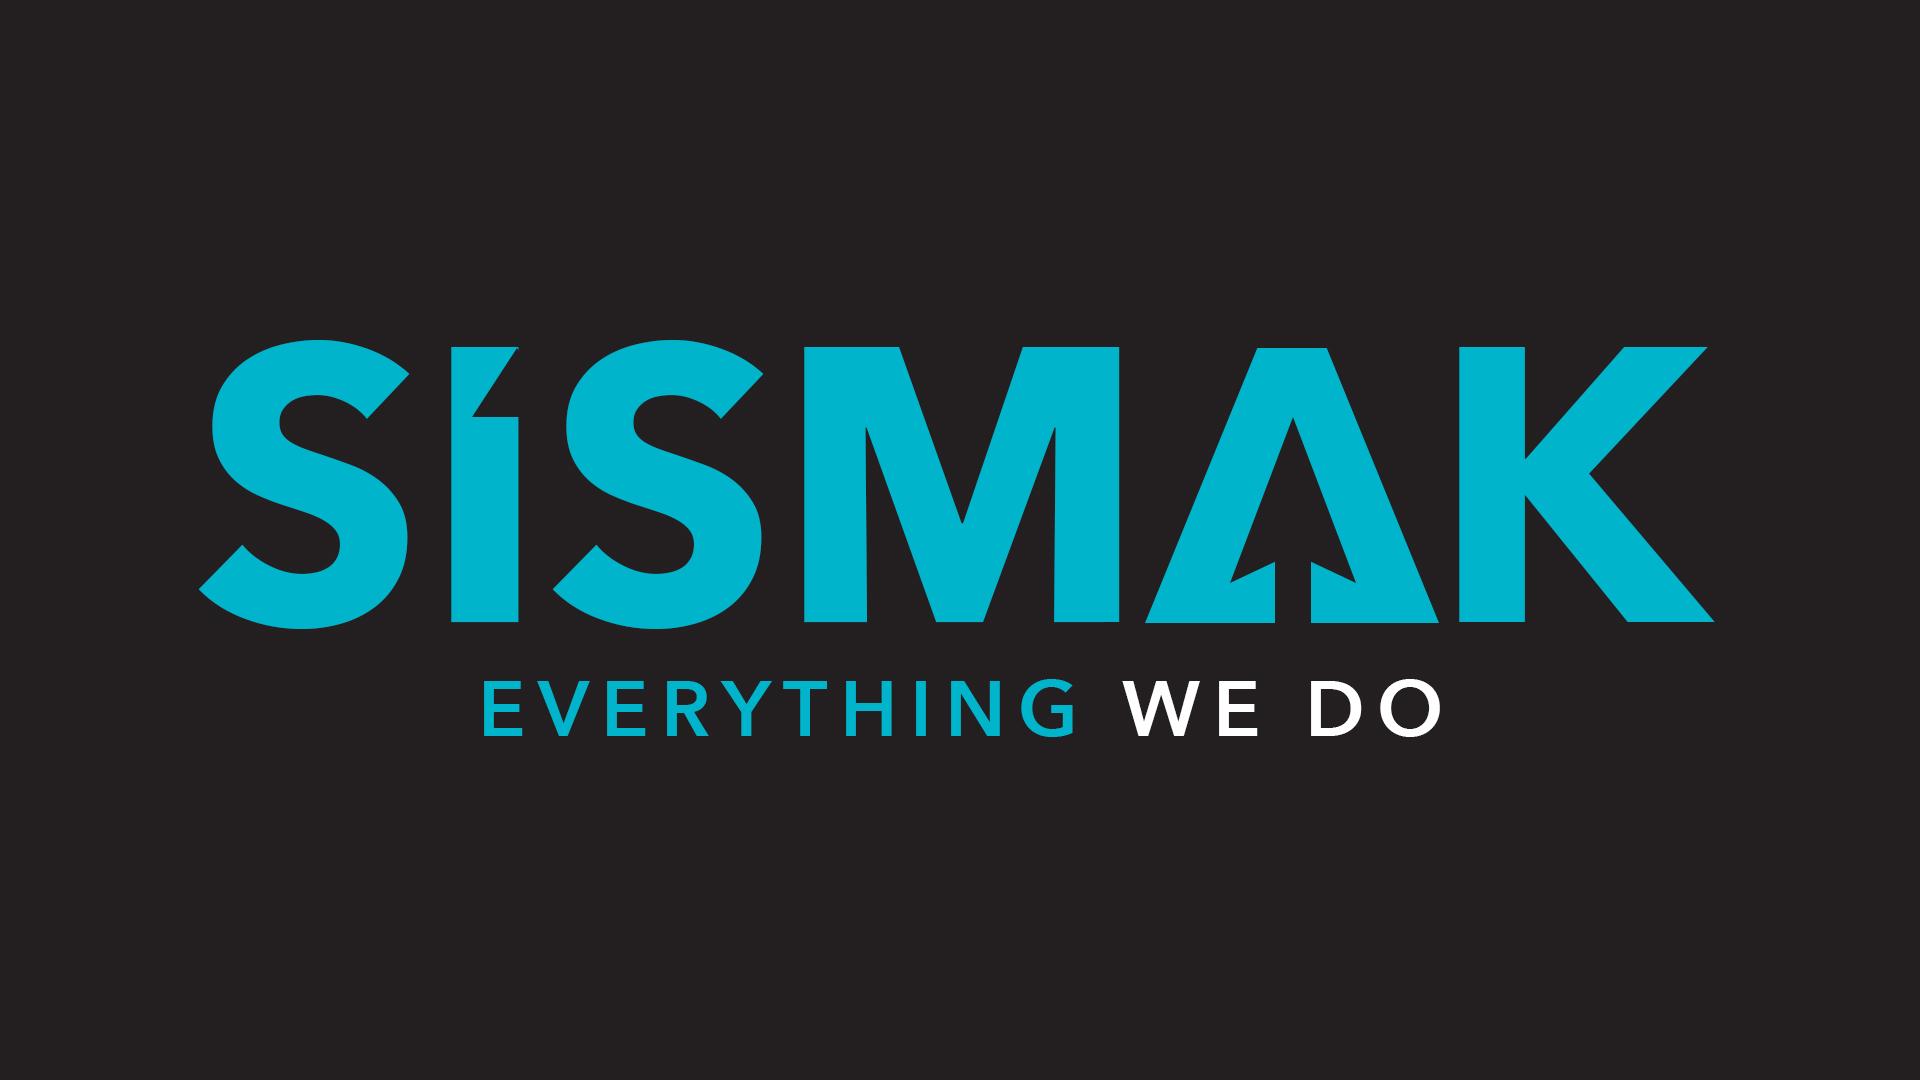 sismak-logo-everything-we-do